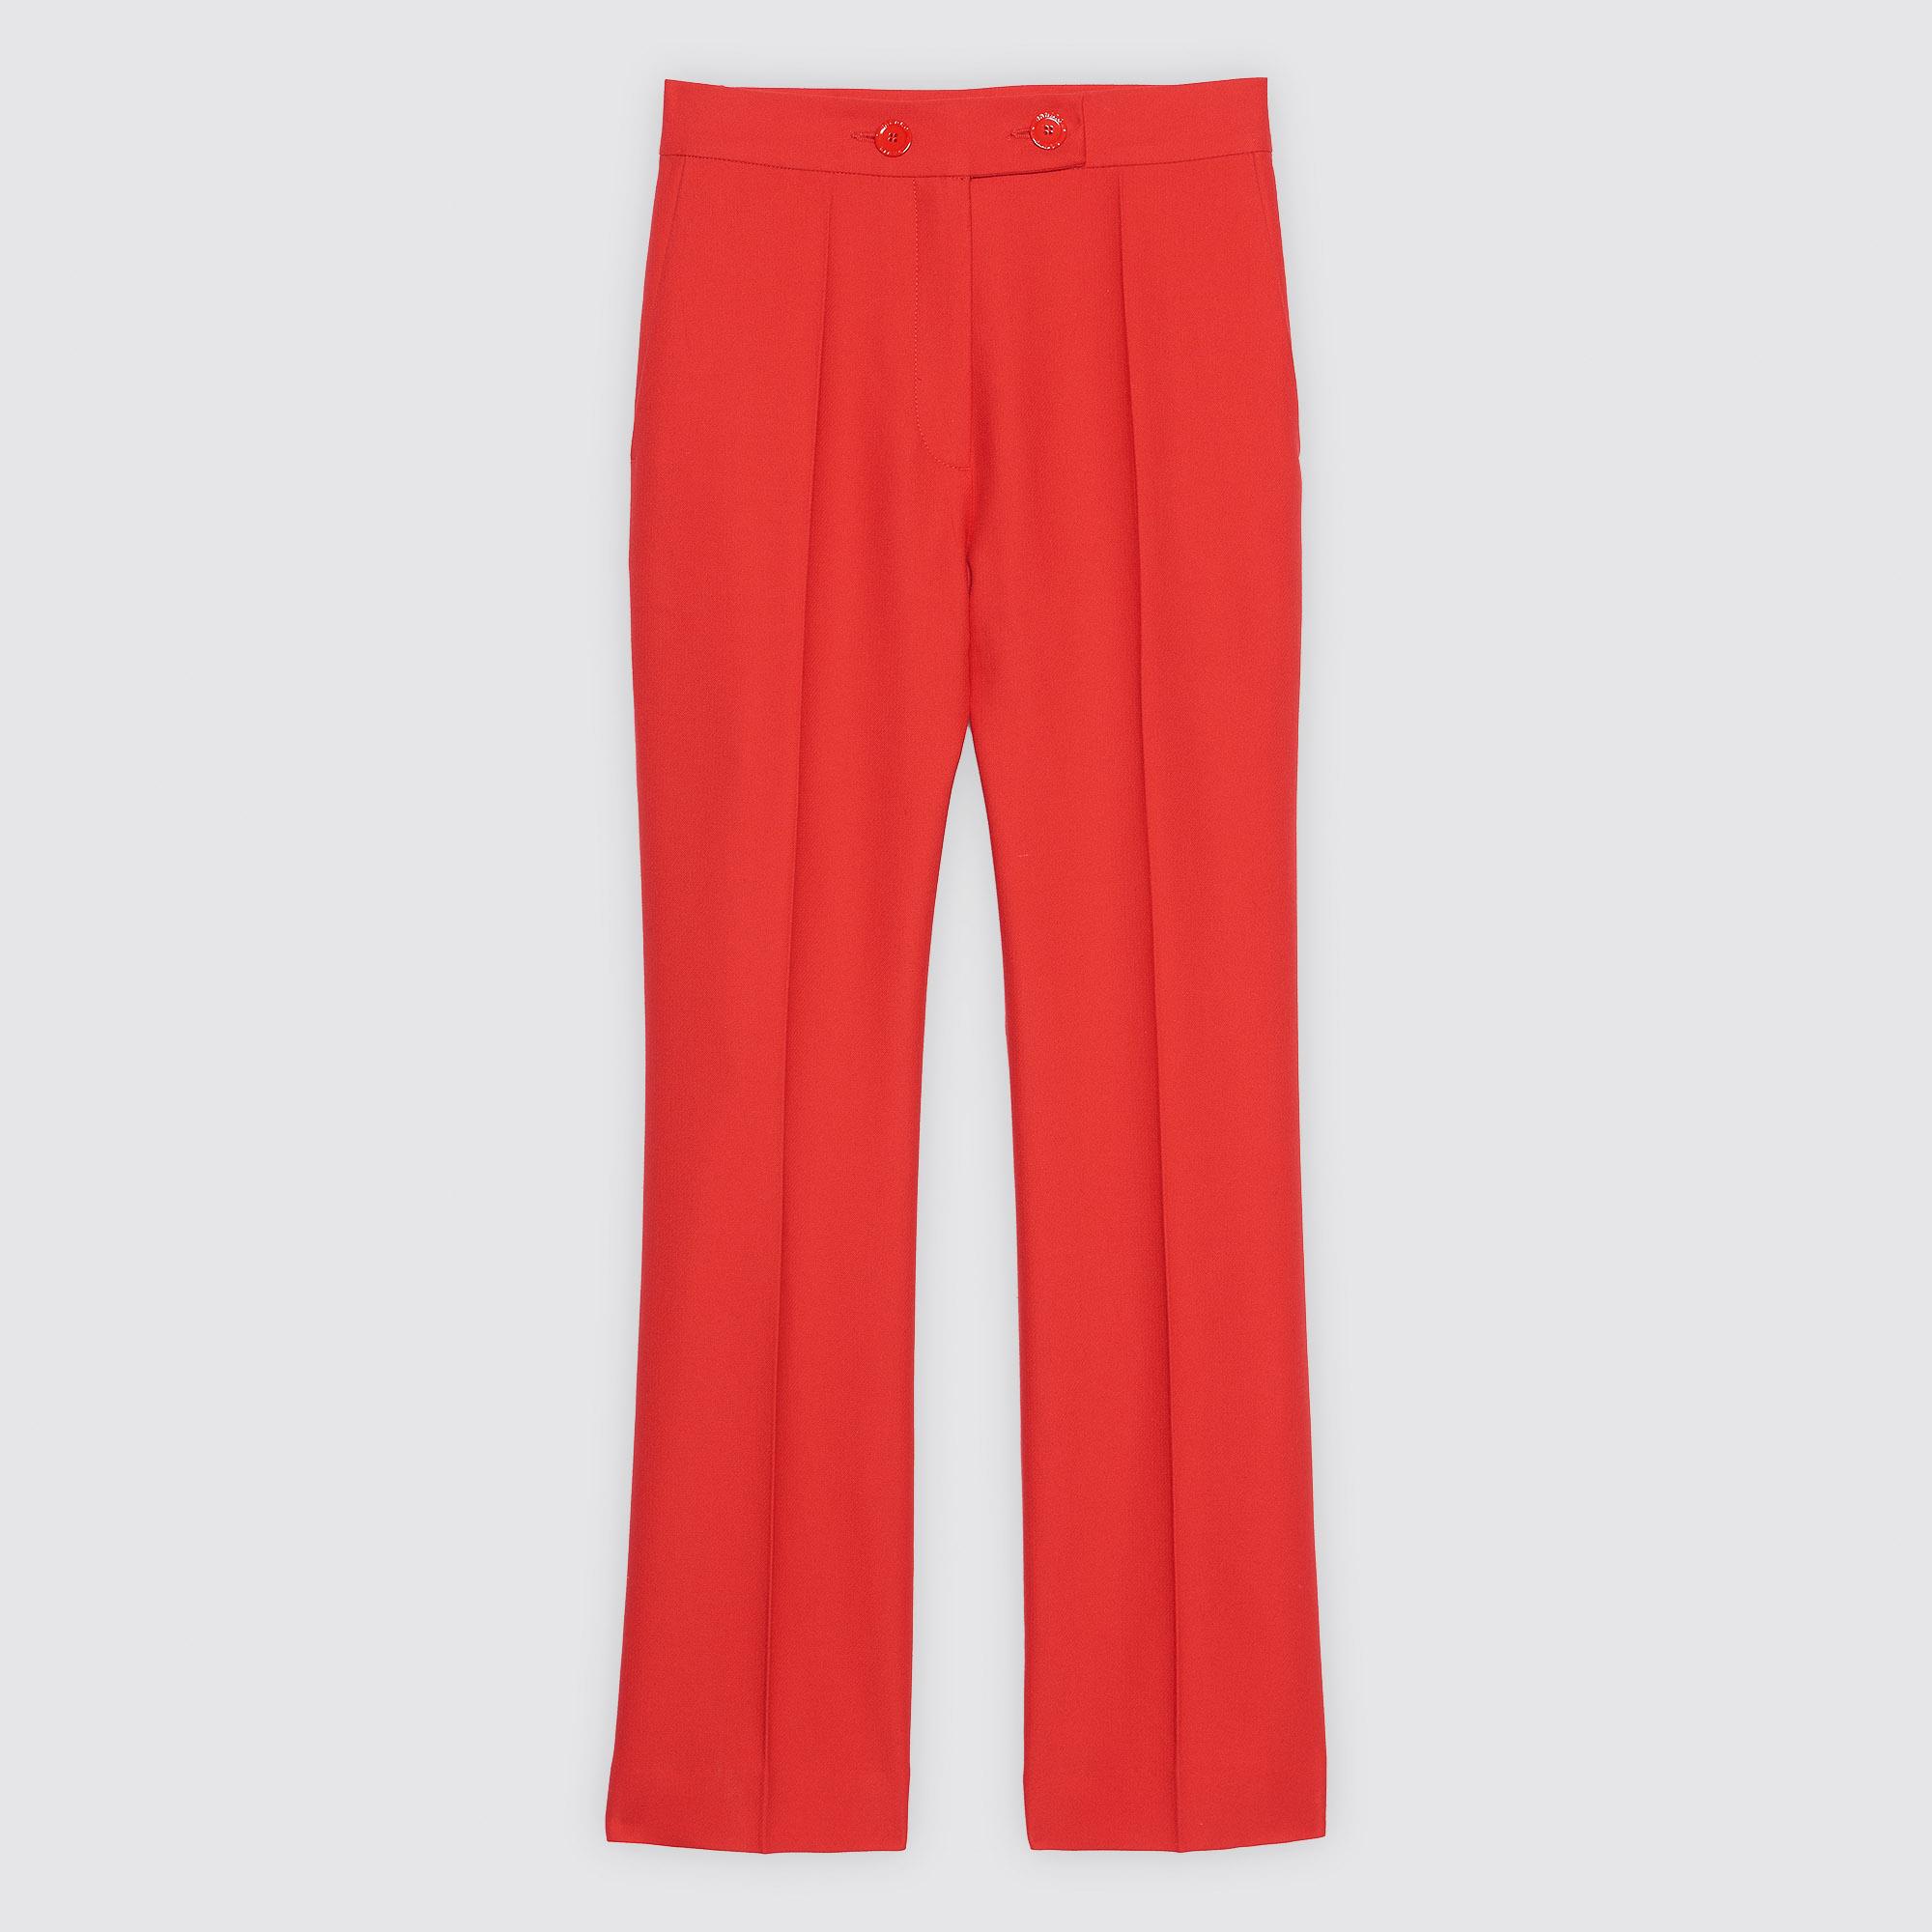 Pantaloni con doppia abbottonatura : Collezione Estiva colore Rouge écarlate